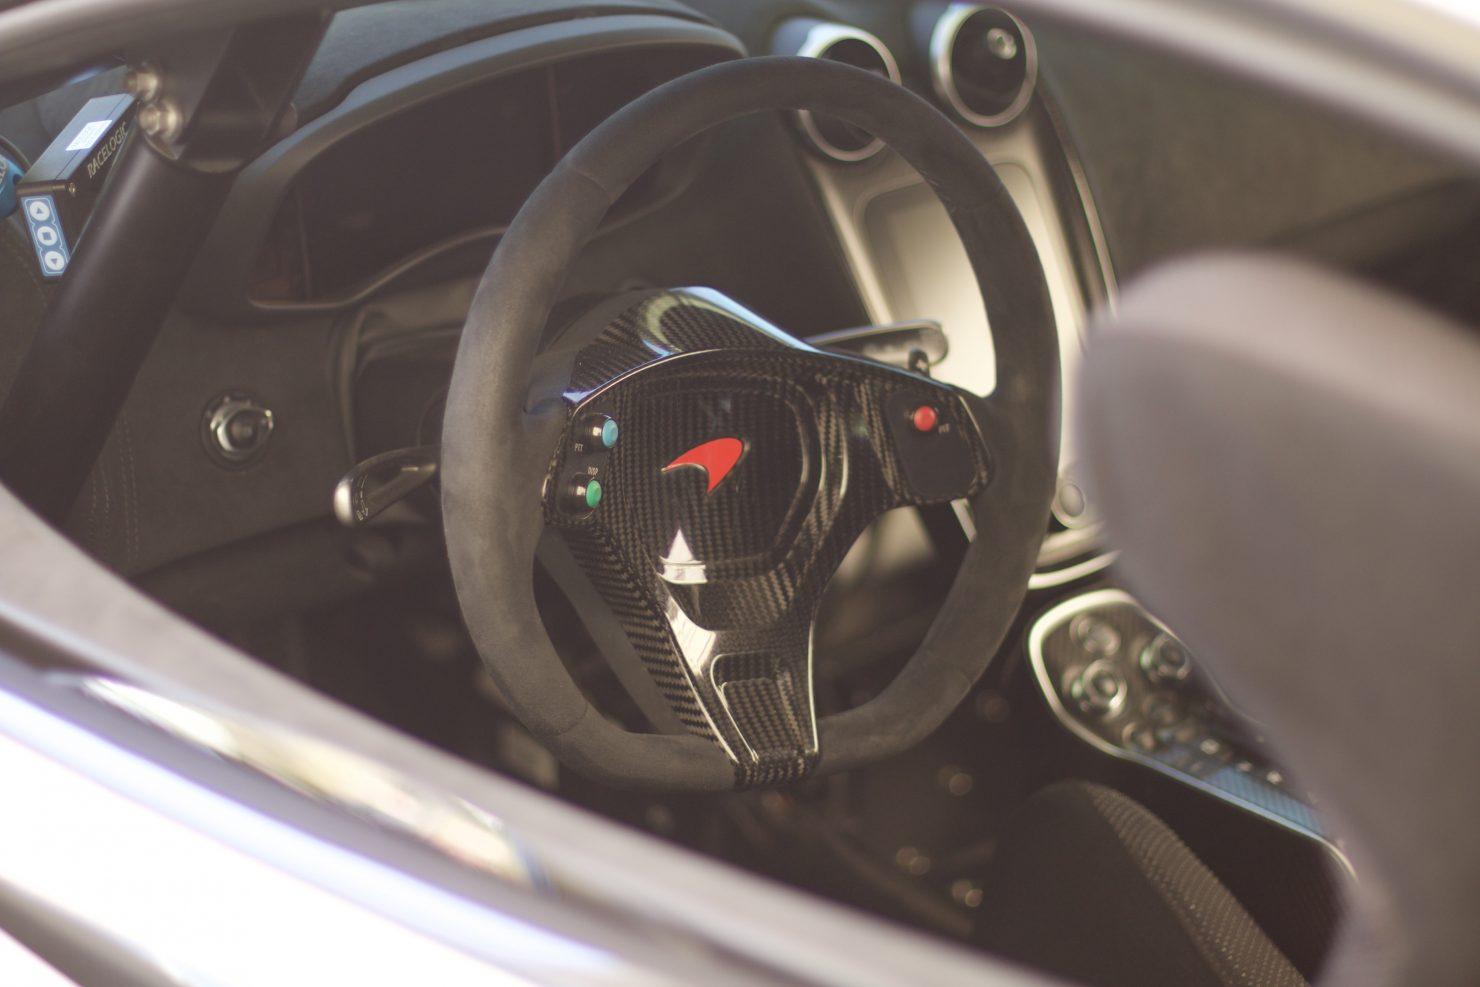 2017 McLaren 570S GT4 1480x987 - Cockpits of Goodwood